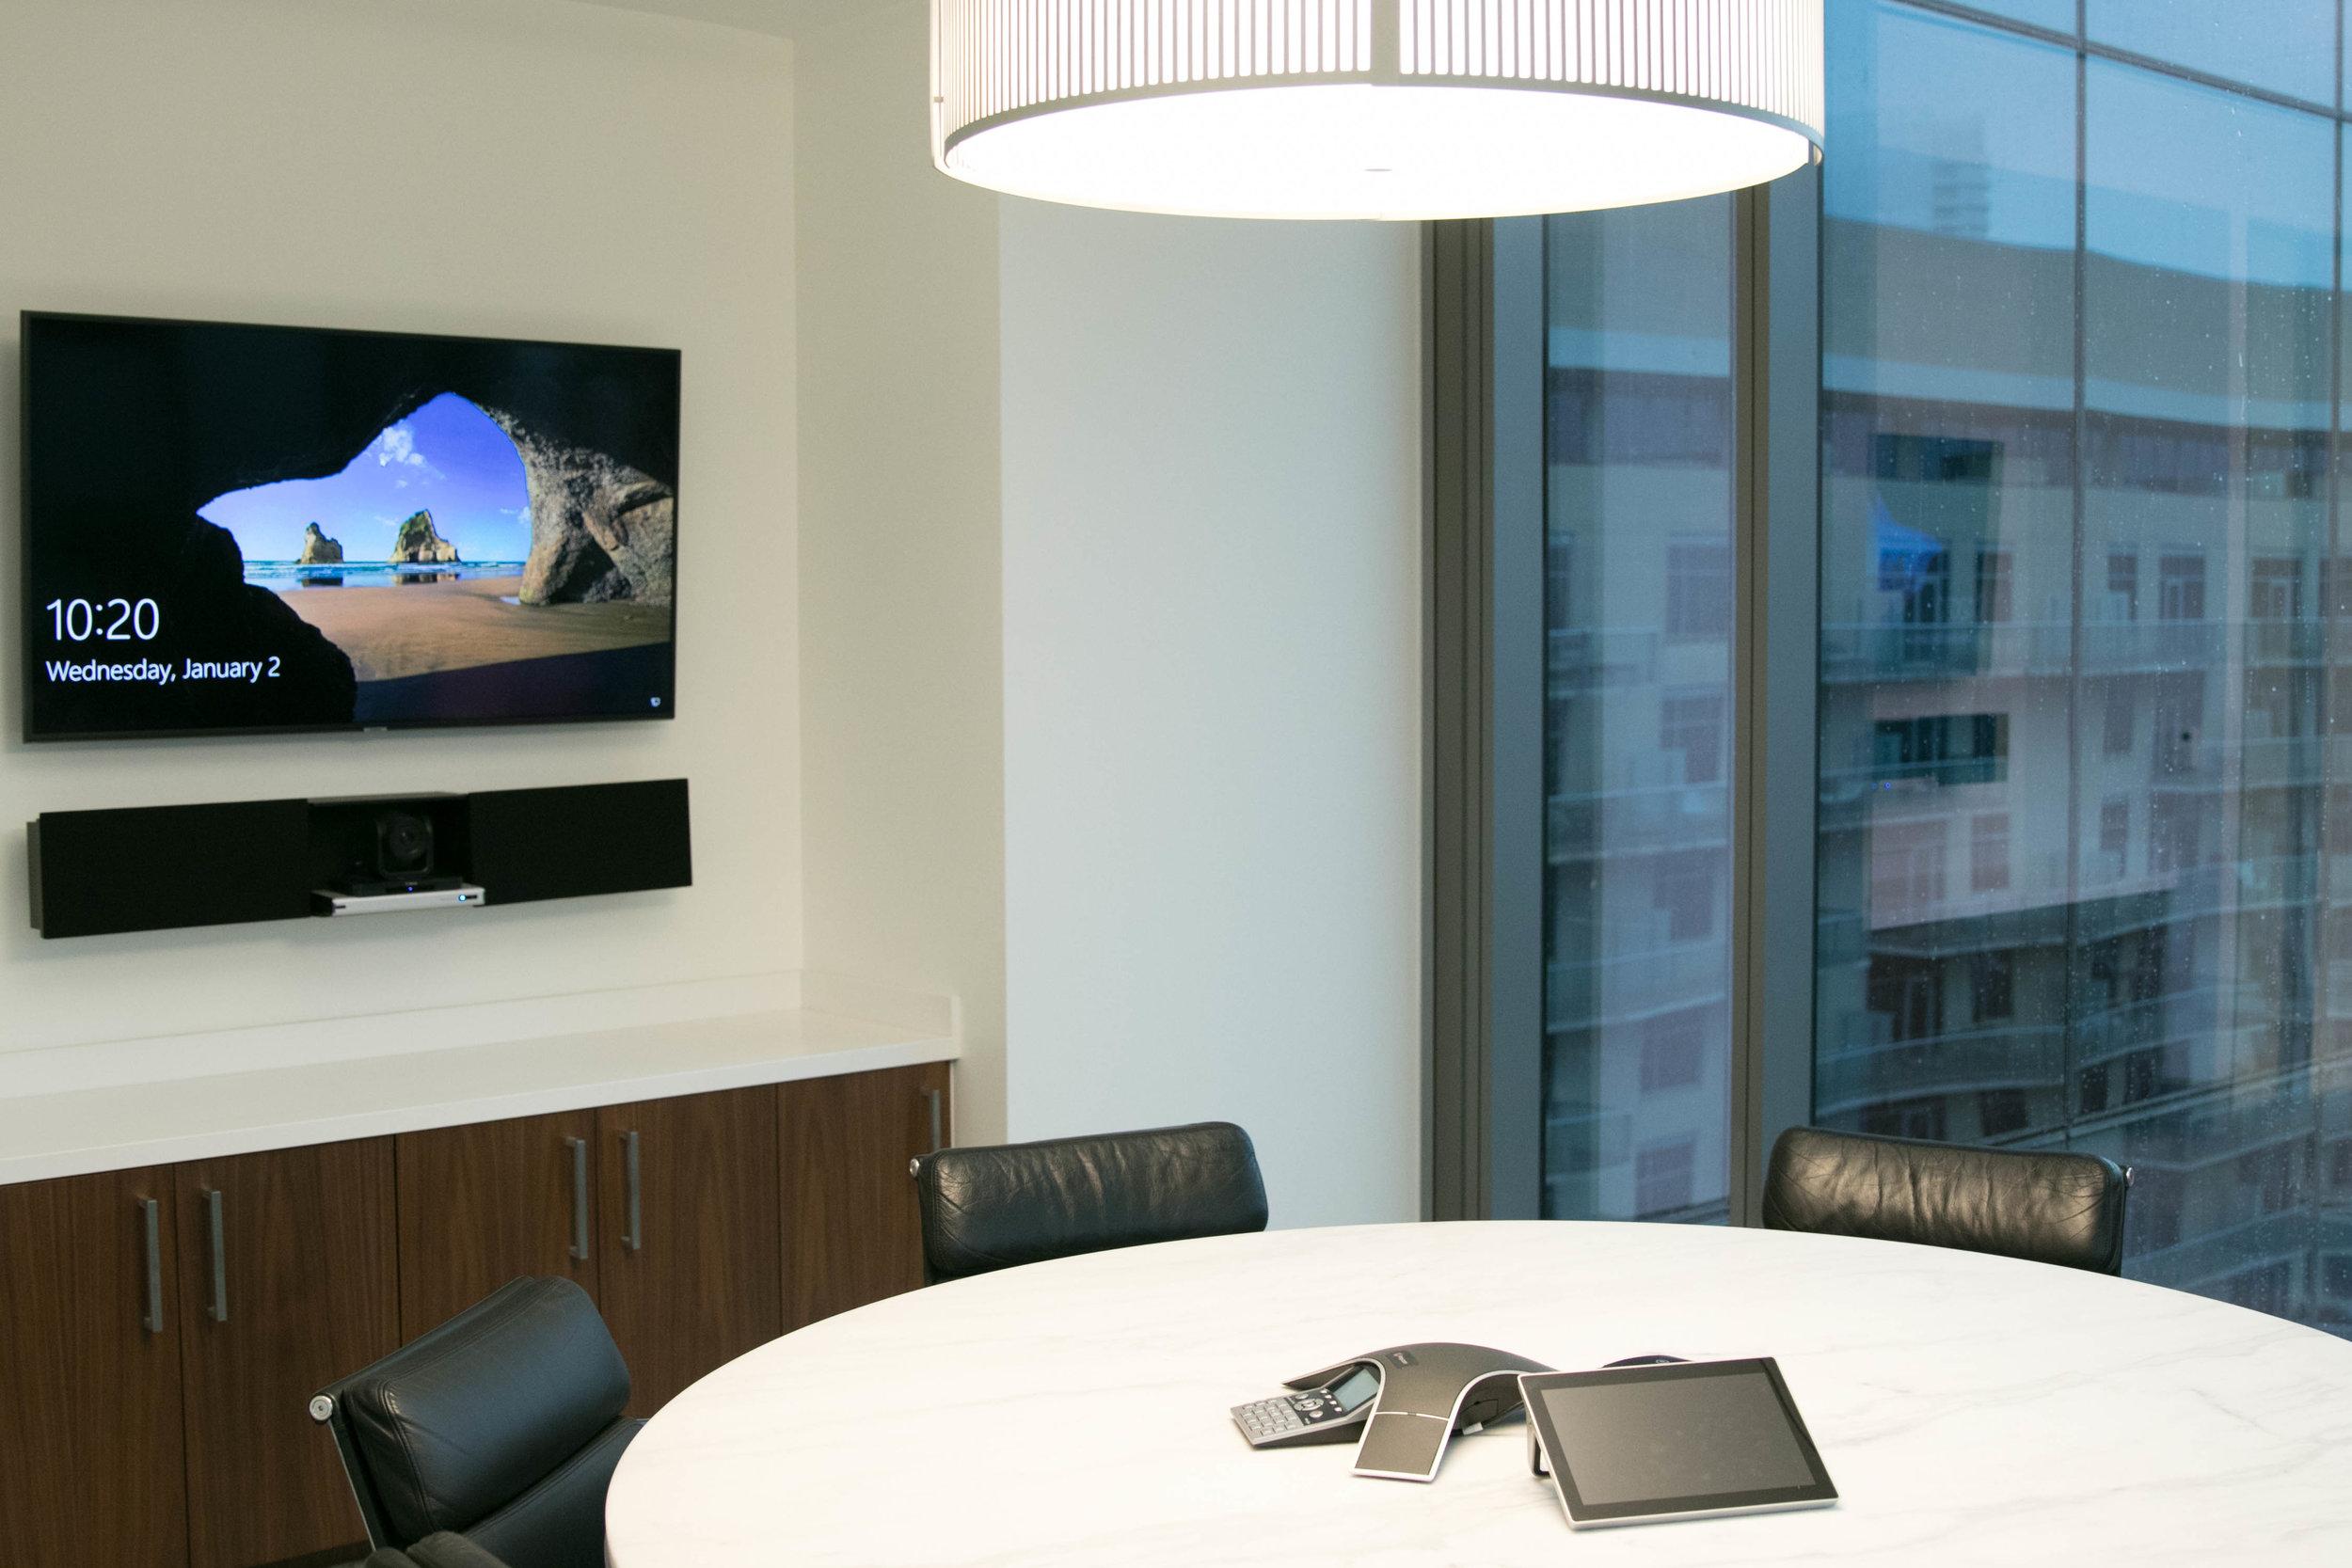 Horizon Interactive soundbar with a built-in videoconferencing camera